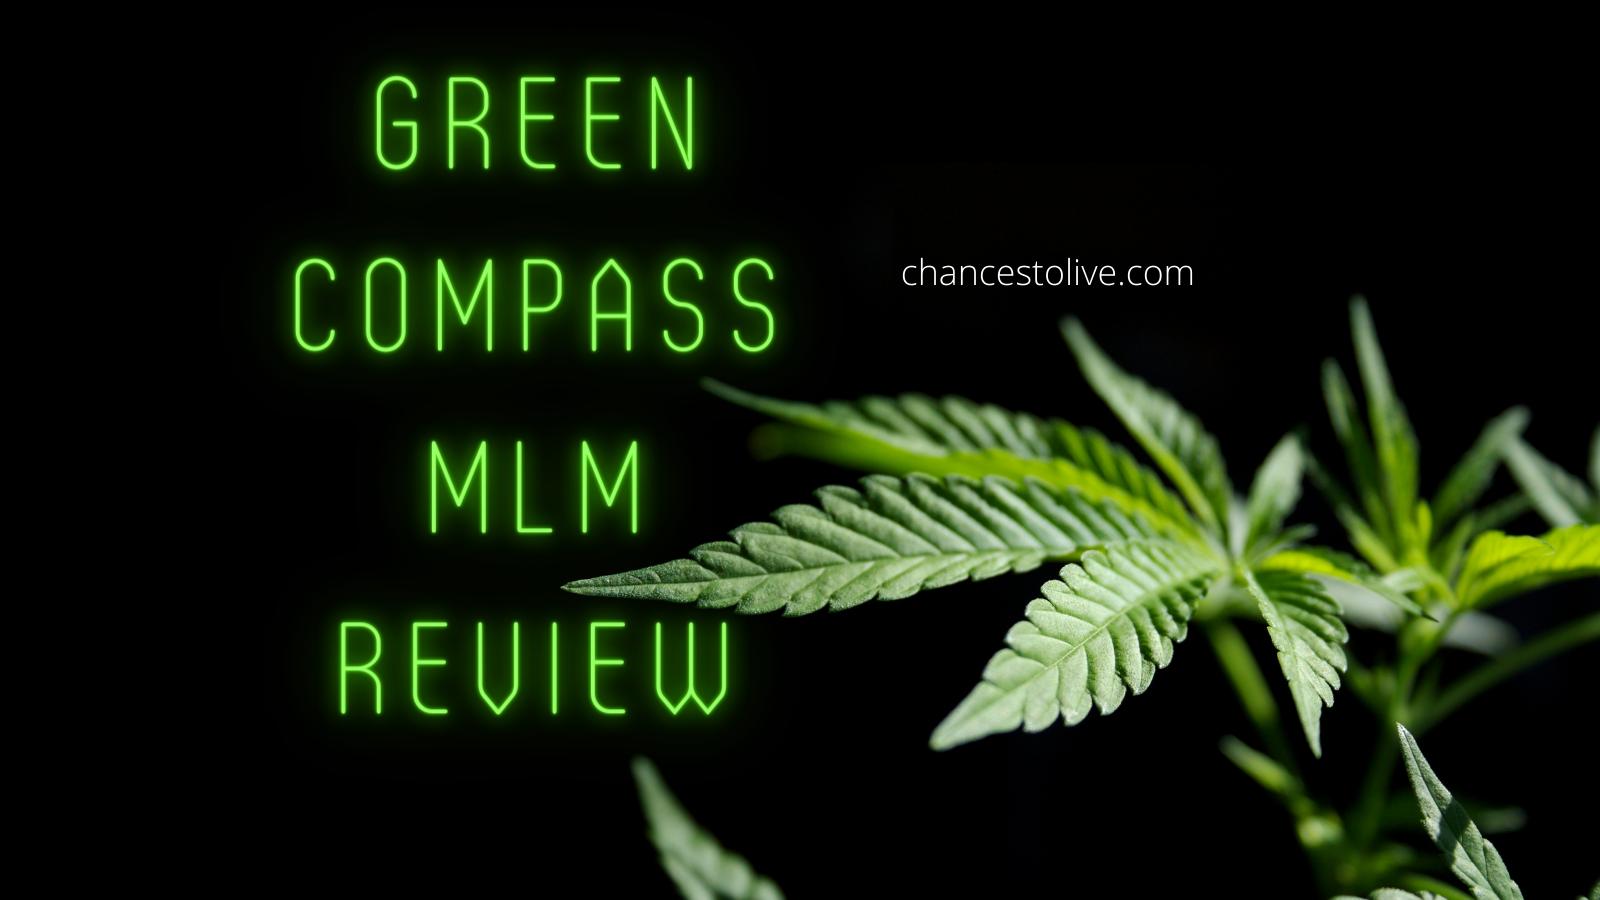 green compass